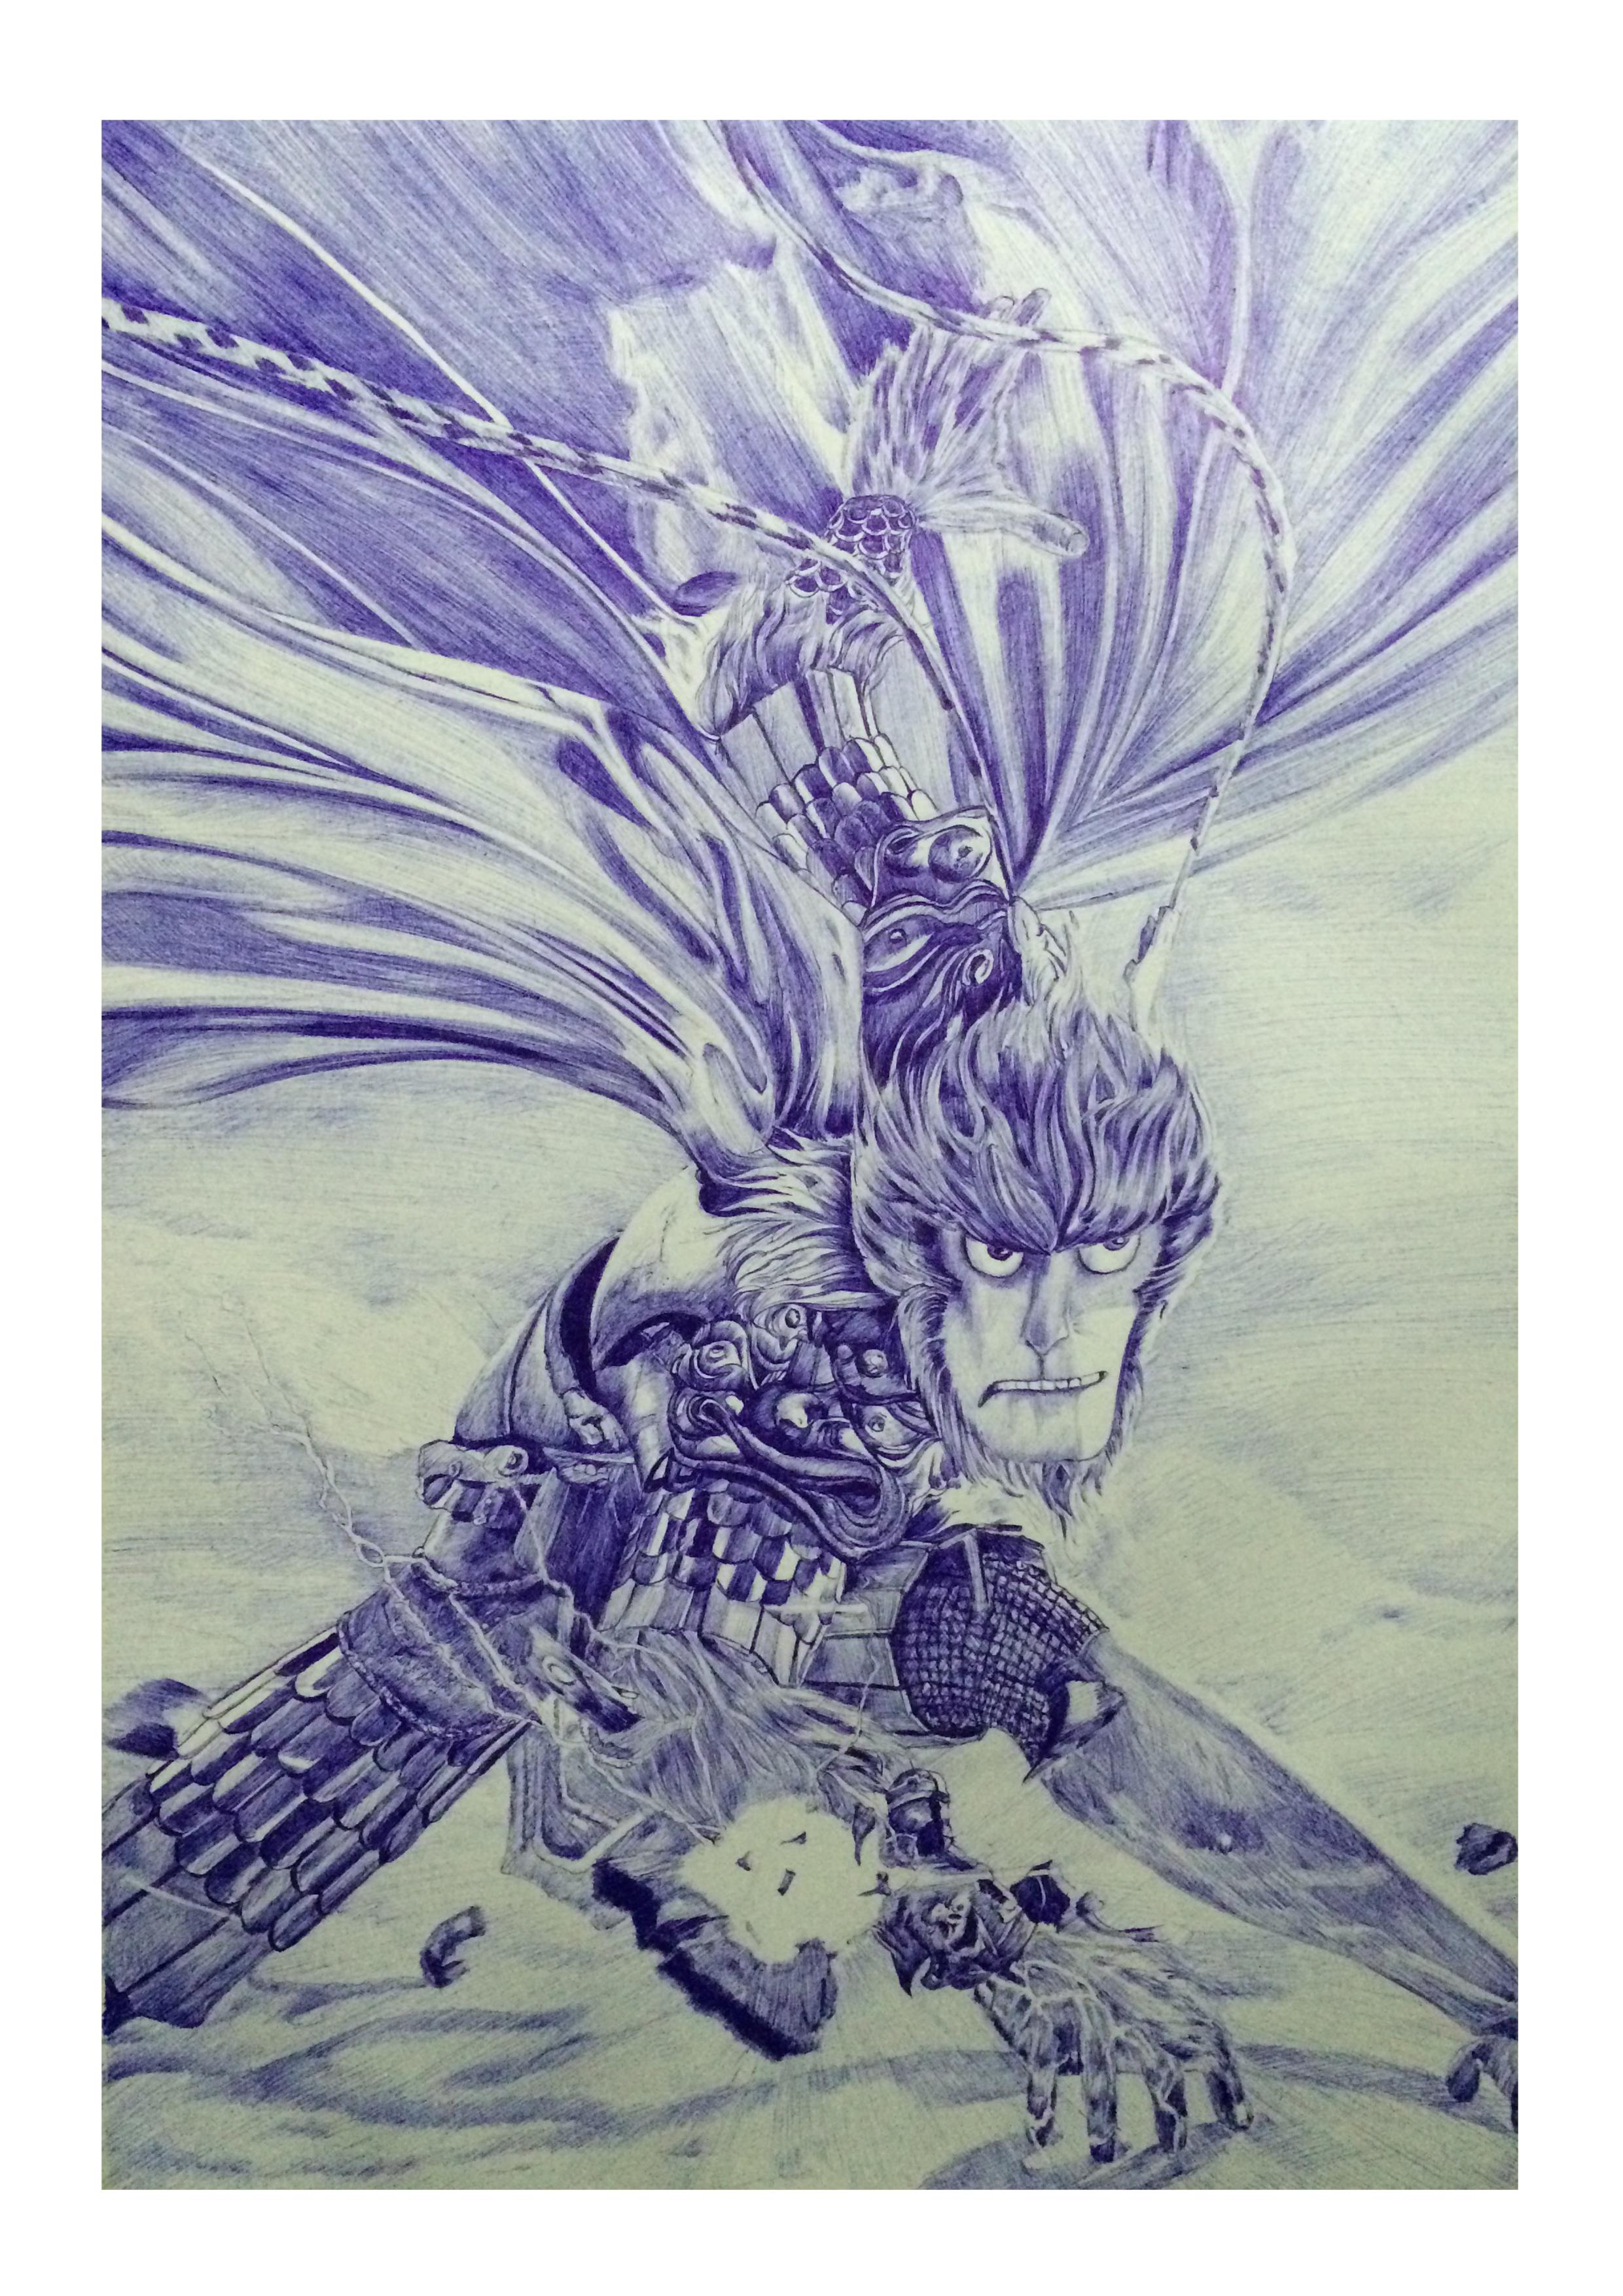 《大圣归来》海报手绘